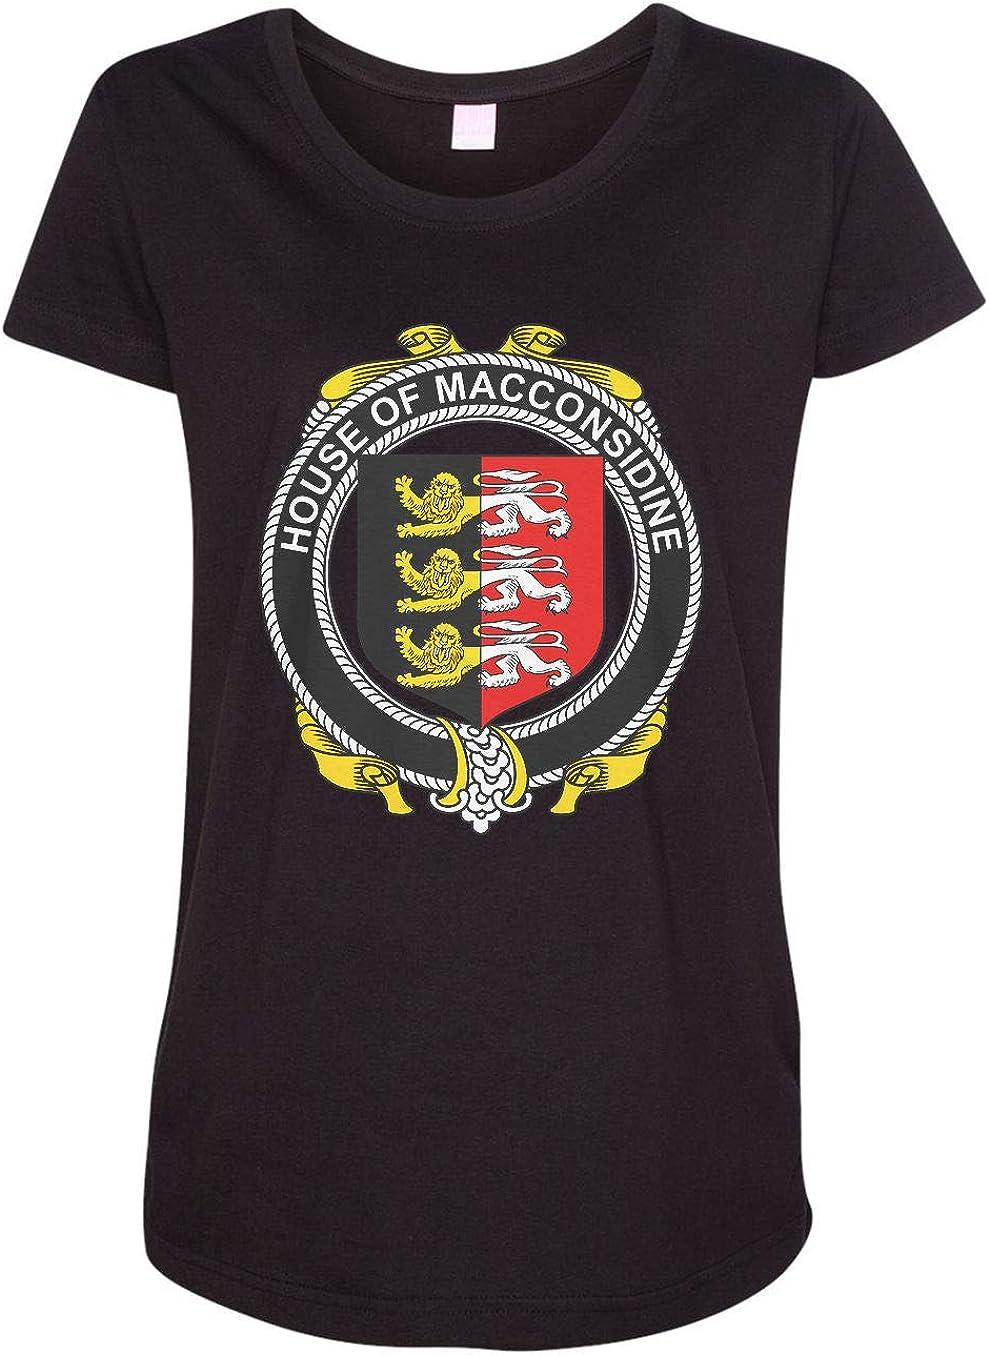 HARD EDGE DESIGN Women's Irish House Heraldry Macconsidine T-Shirt